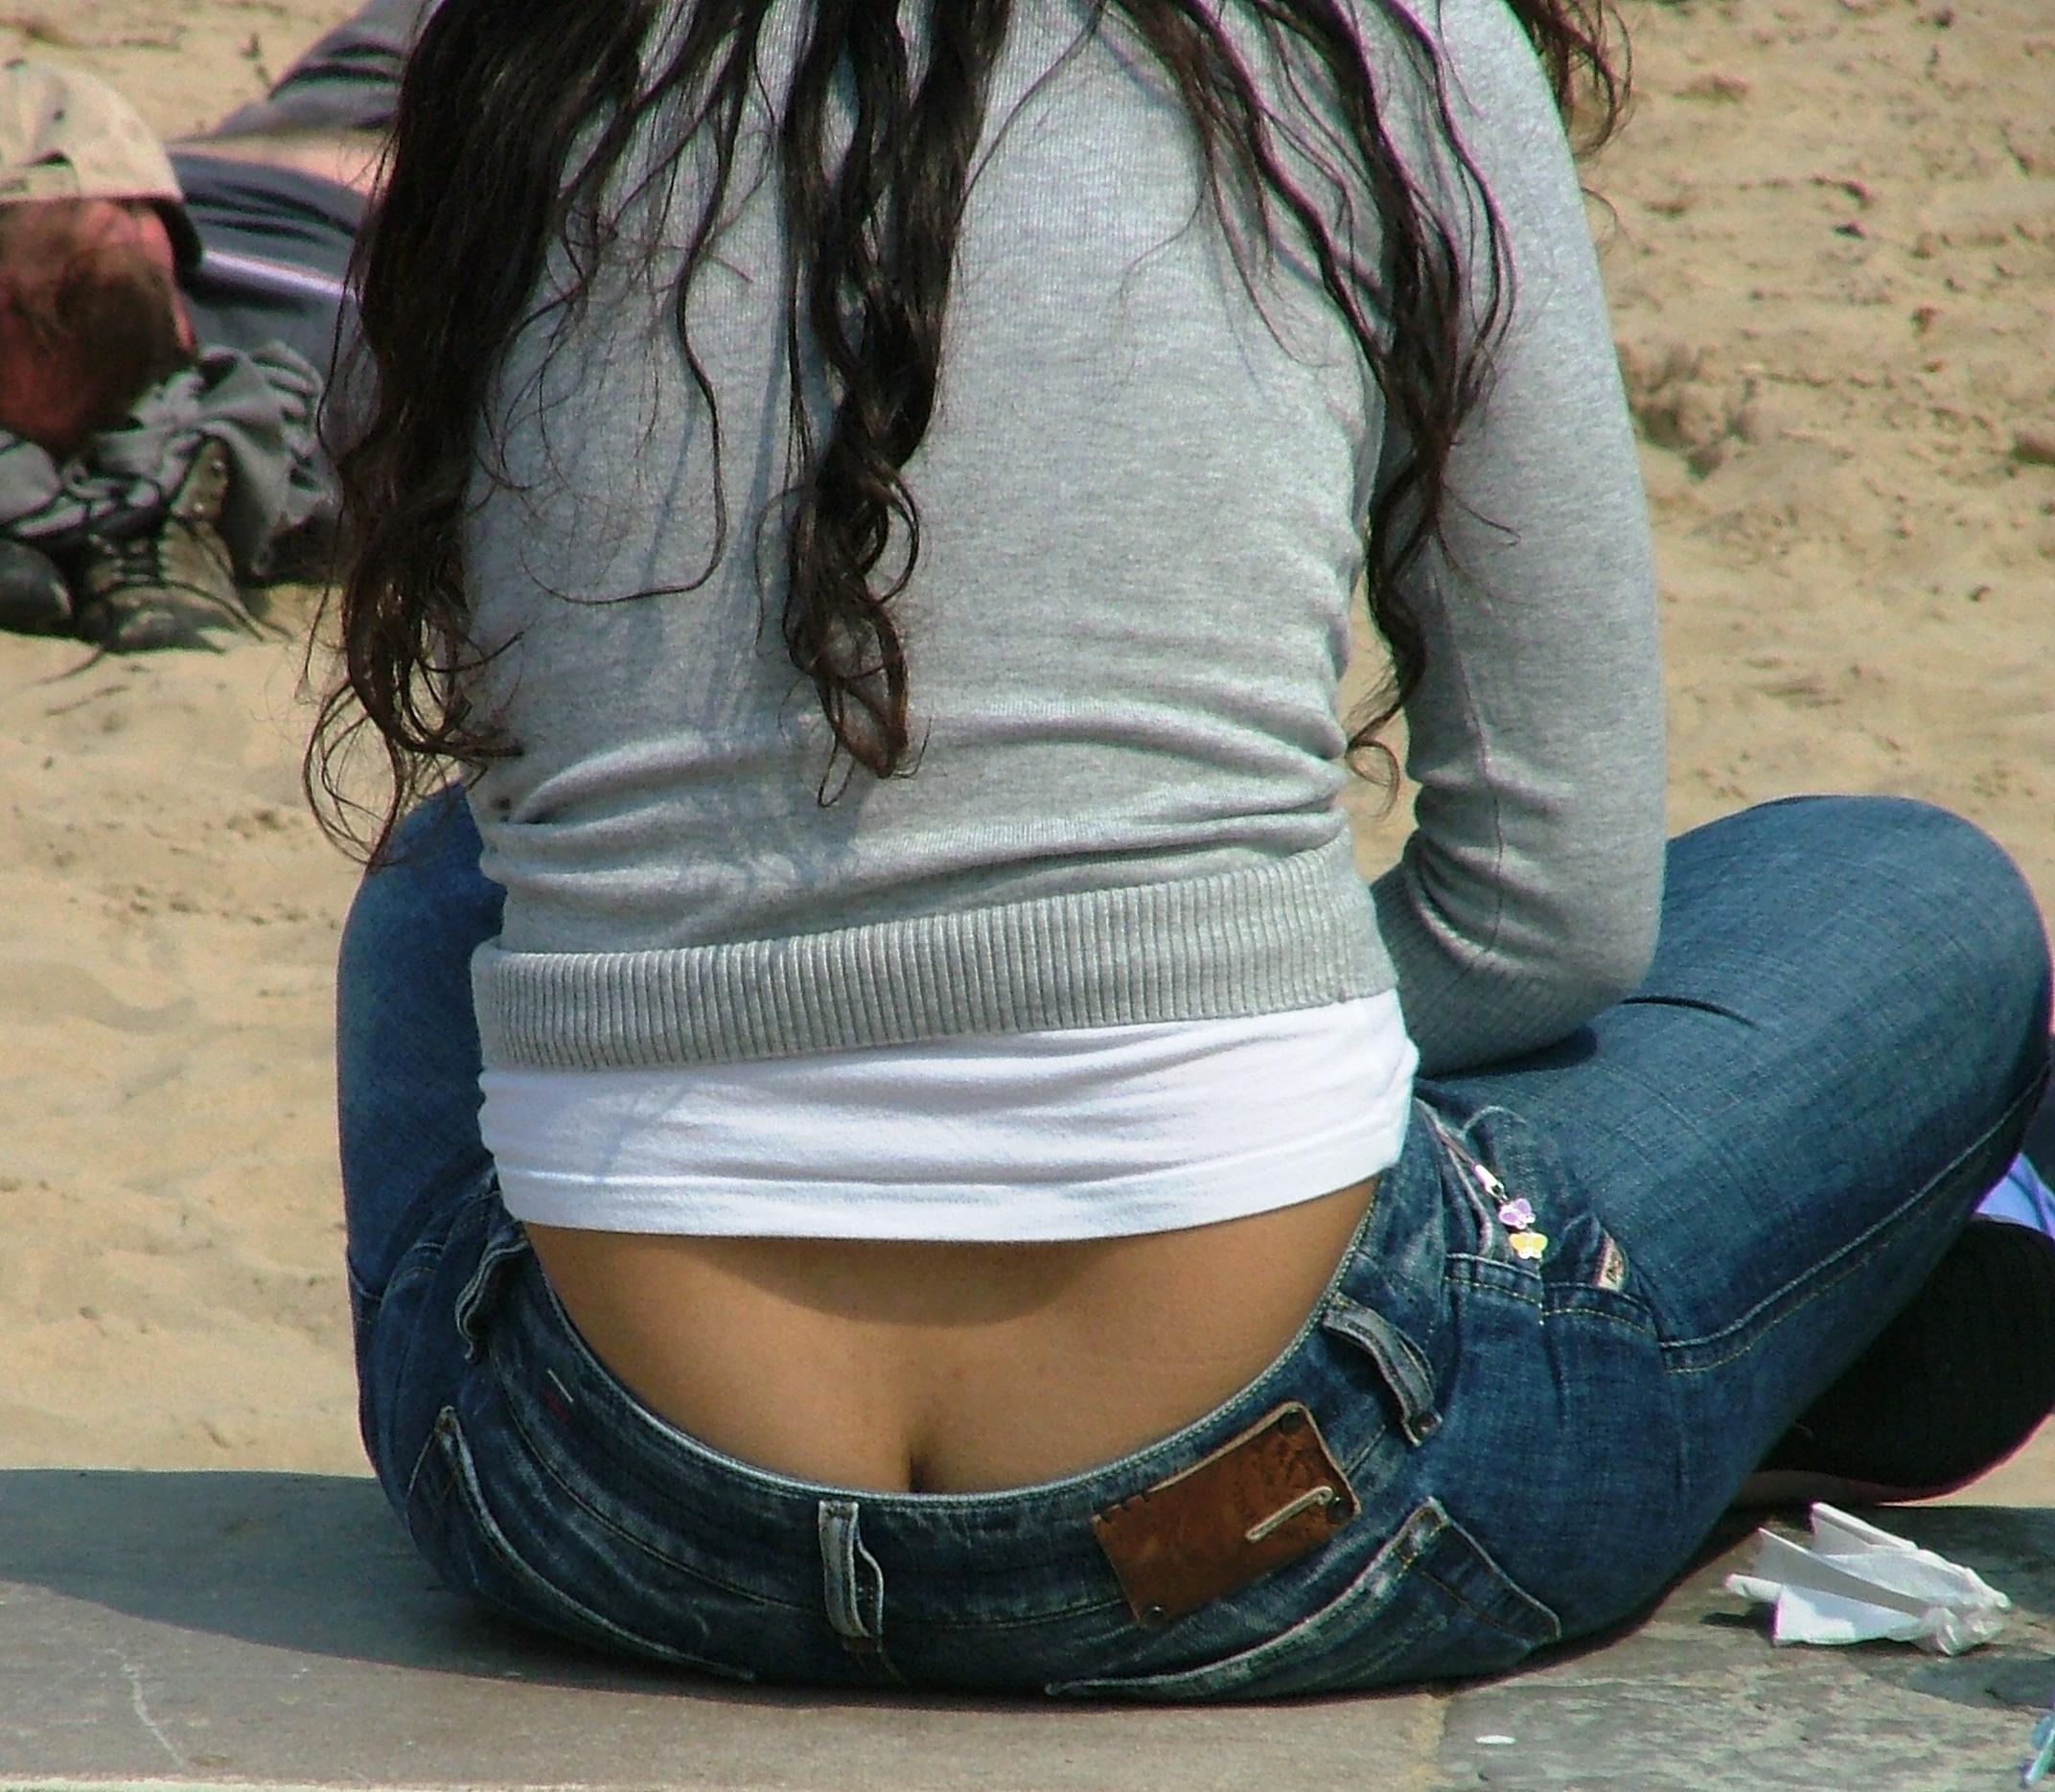 фото члана торчащего из джинс эксклюзивные